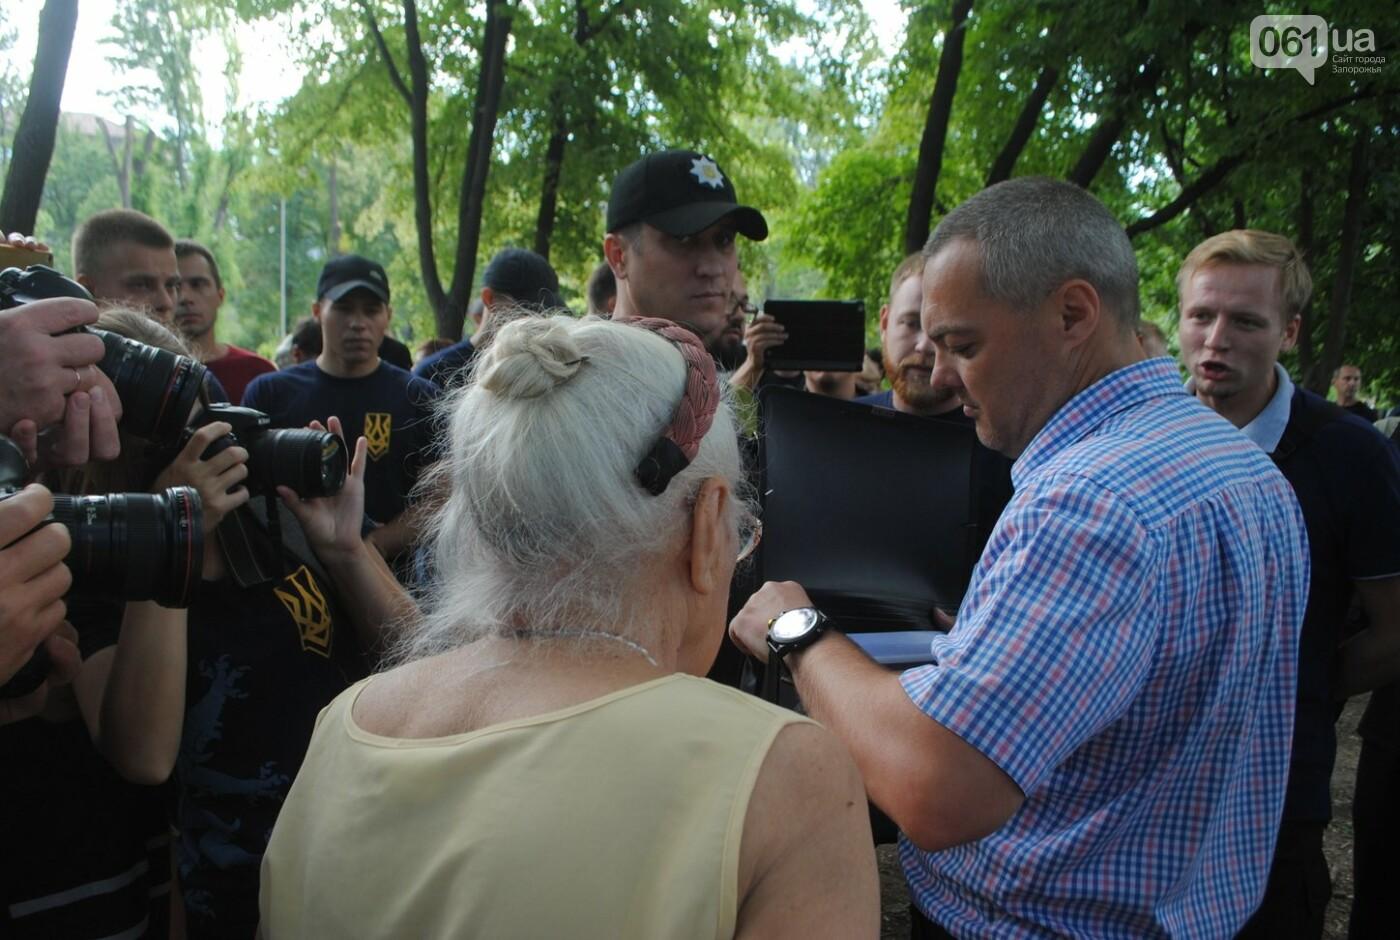 Протест в парке Яланского в лицах, - колоритный ФОТОРЕПОРТАЖ, фото-41